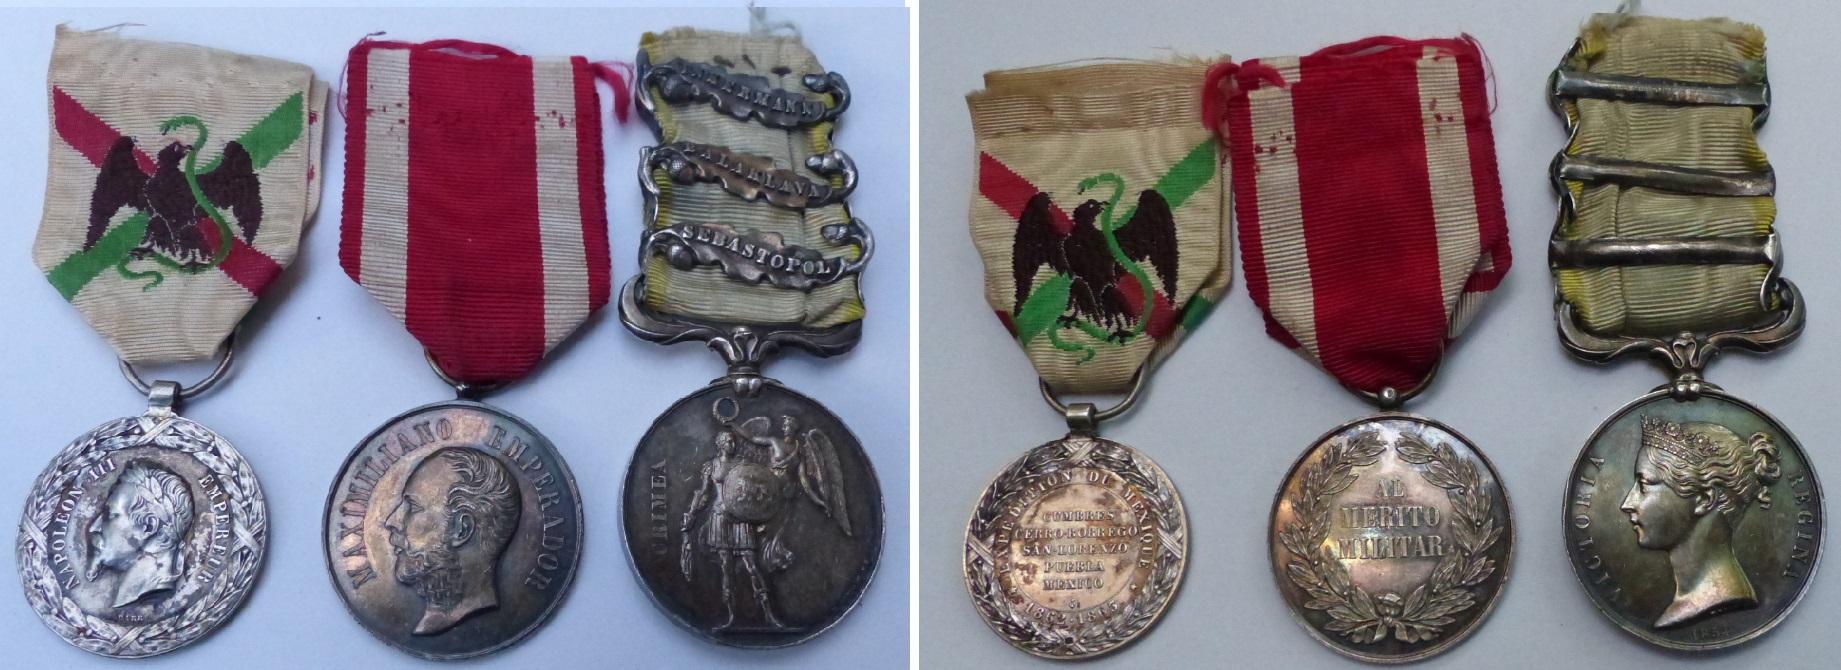 Médaille Crimée avec agrafe et ruban  Medd